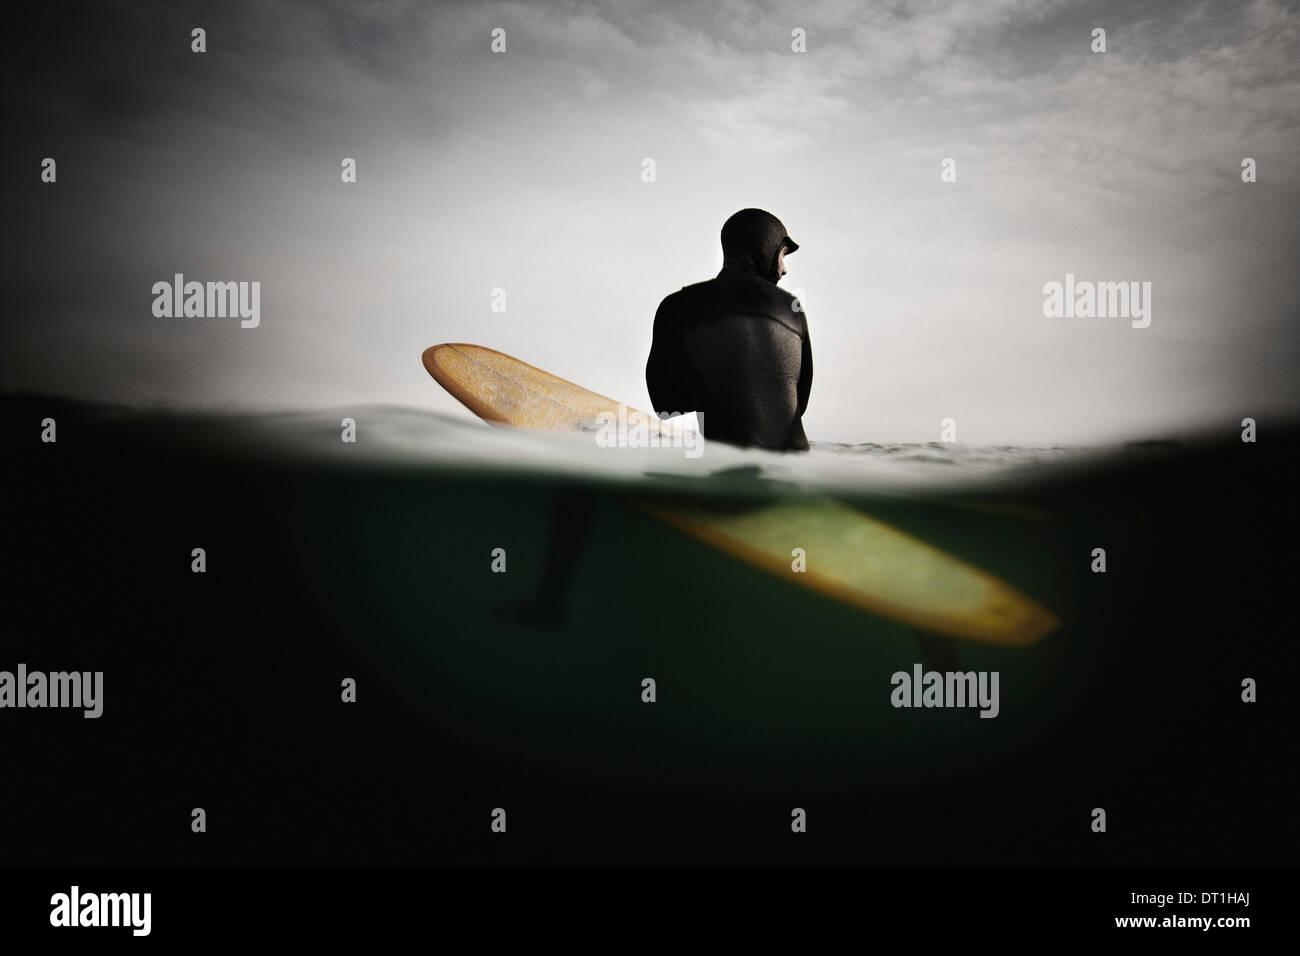 Surfer auf Surfbrett Vorwegnahme Welle Stockbild